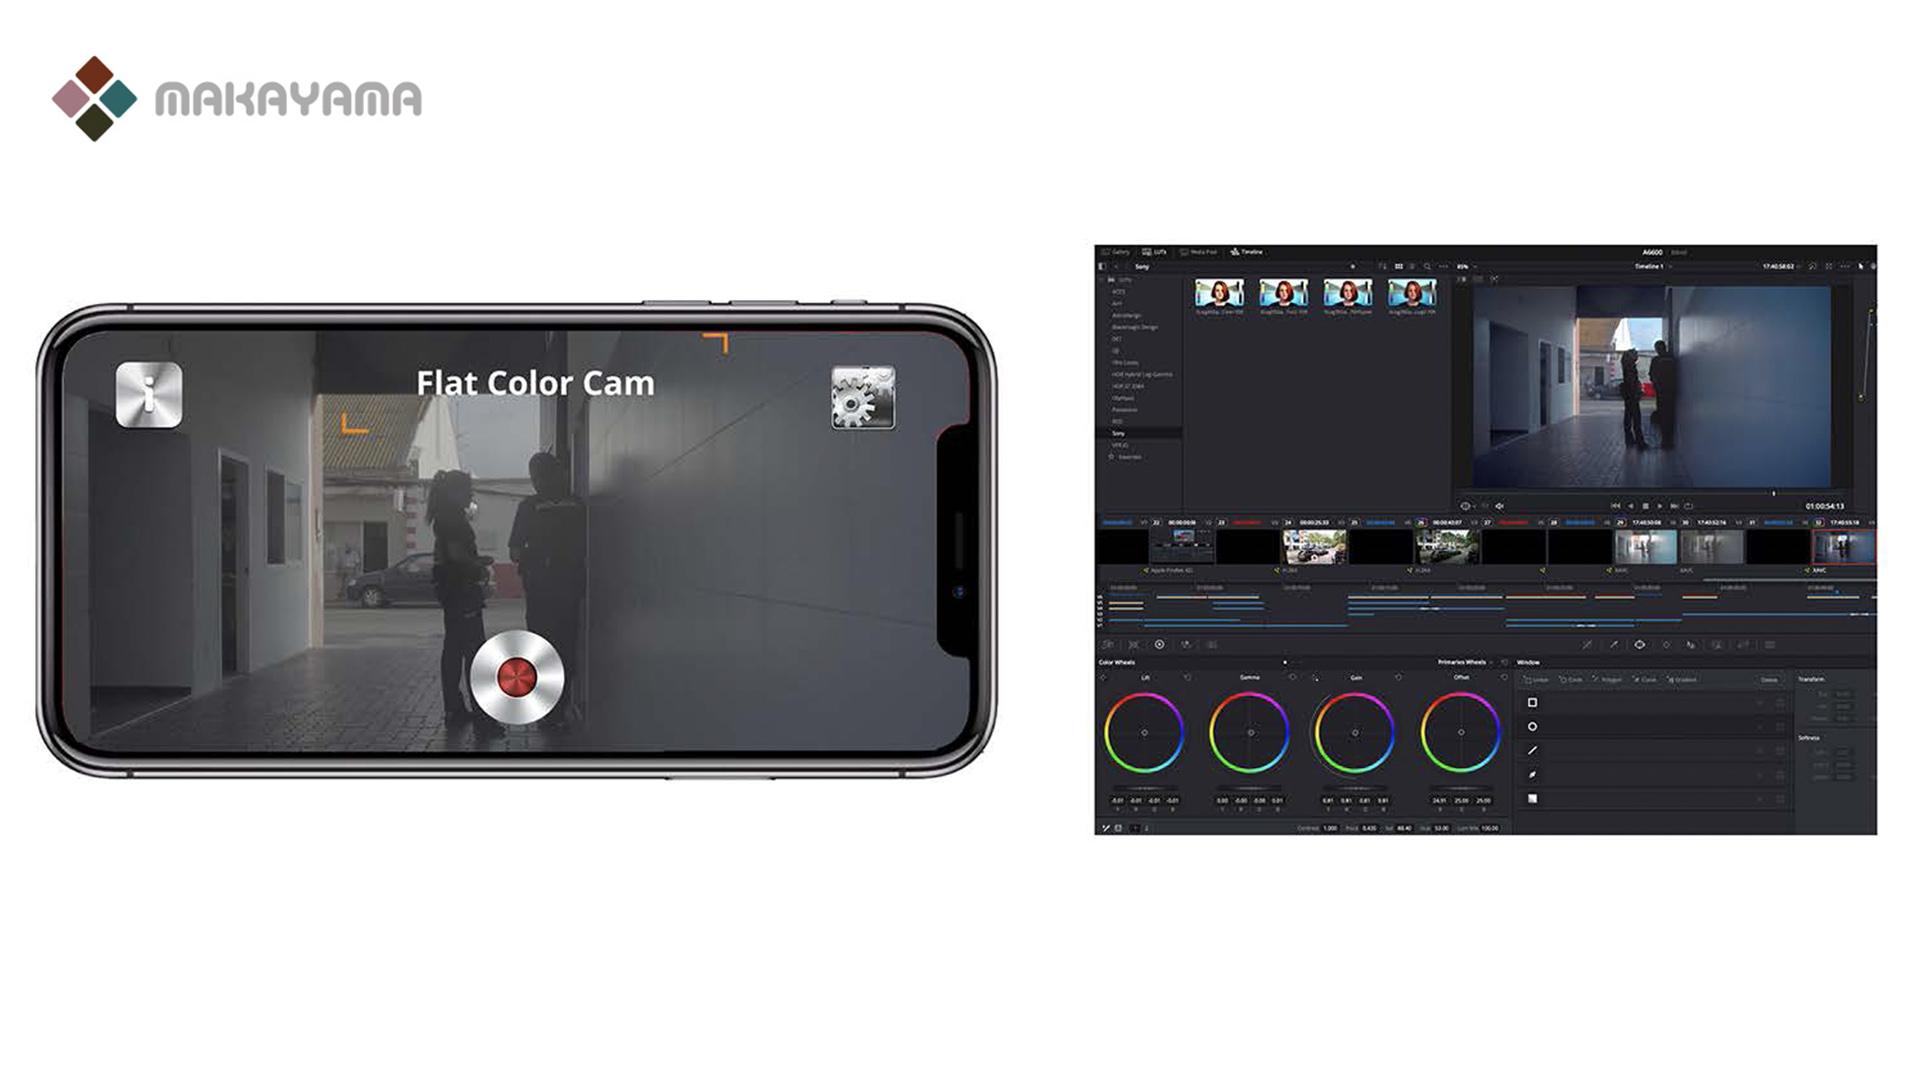 La aplicación Flat Color Camera de Makayama para iPhone ya está a la venta